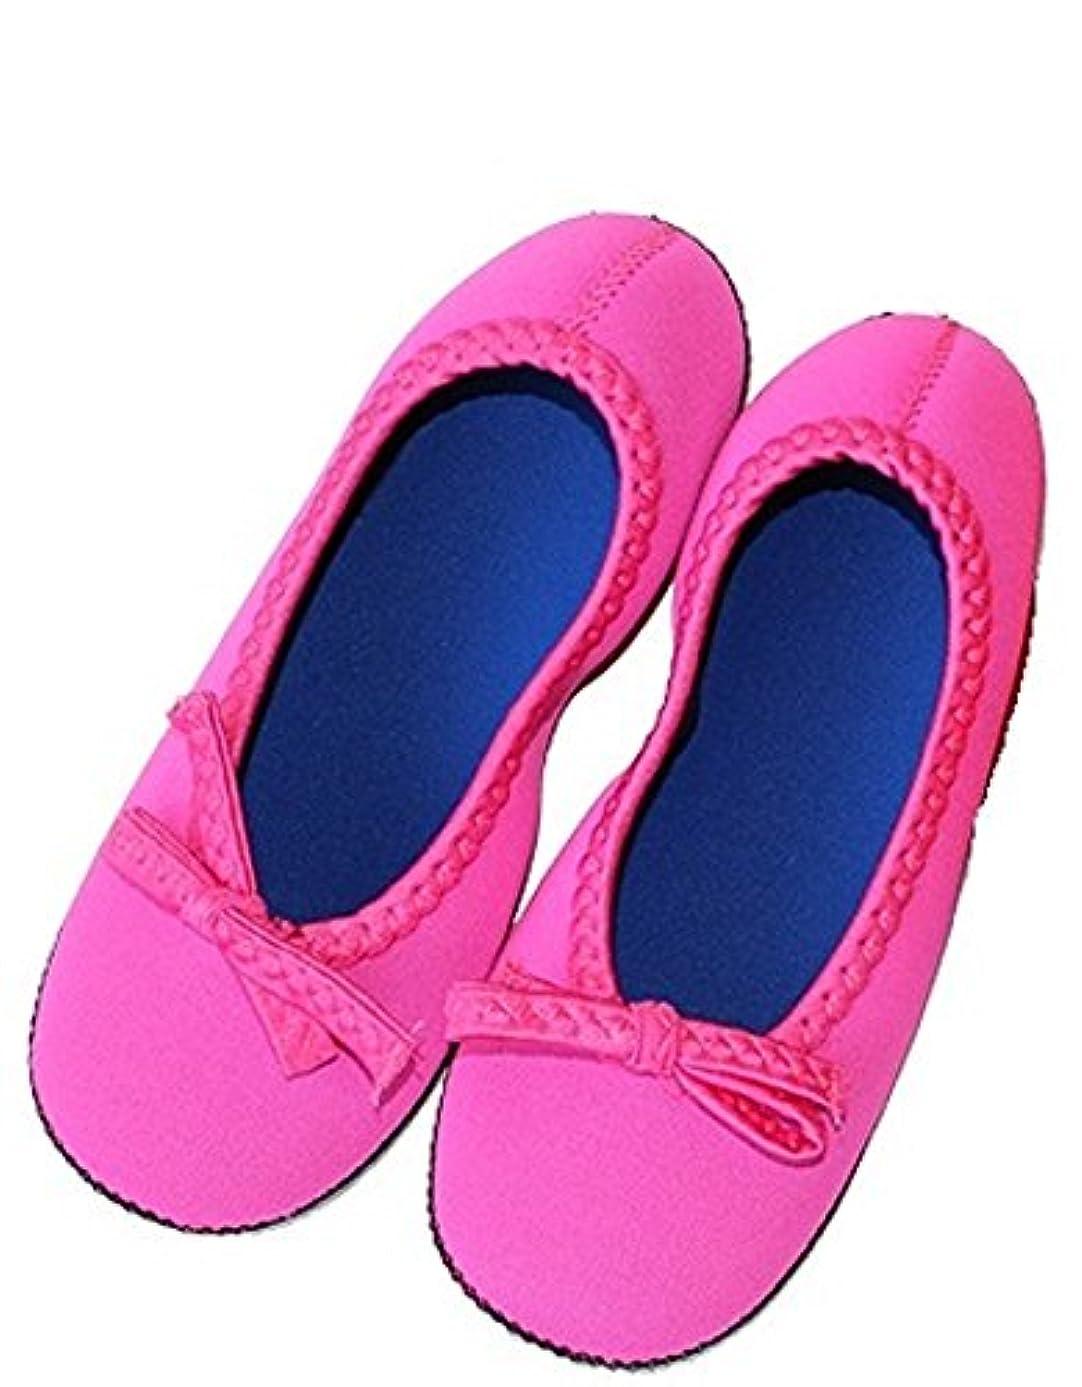 ピンポイントいろいろデコレーションクロッツルームシューズ デラックス ピンク S